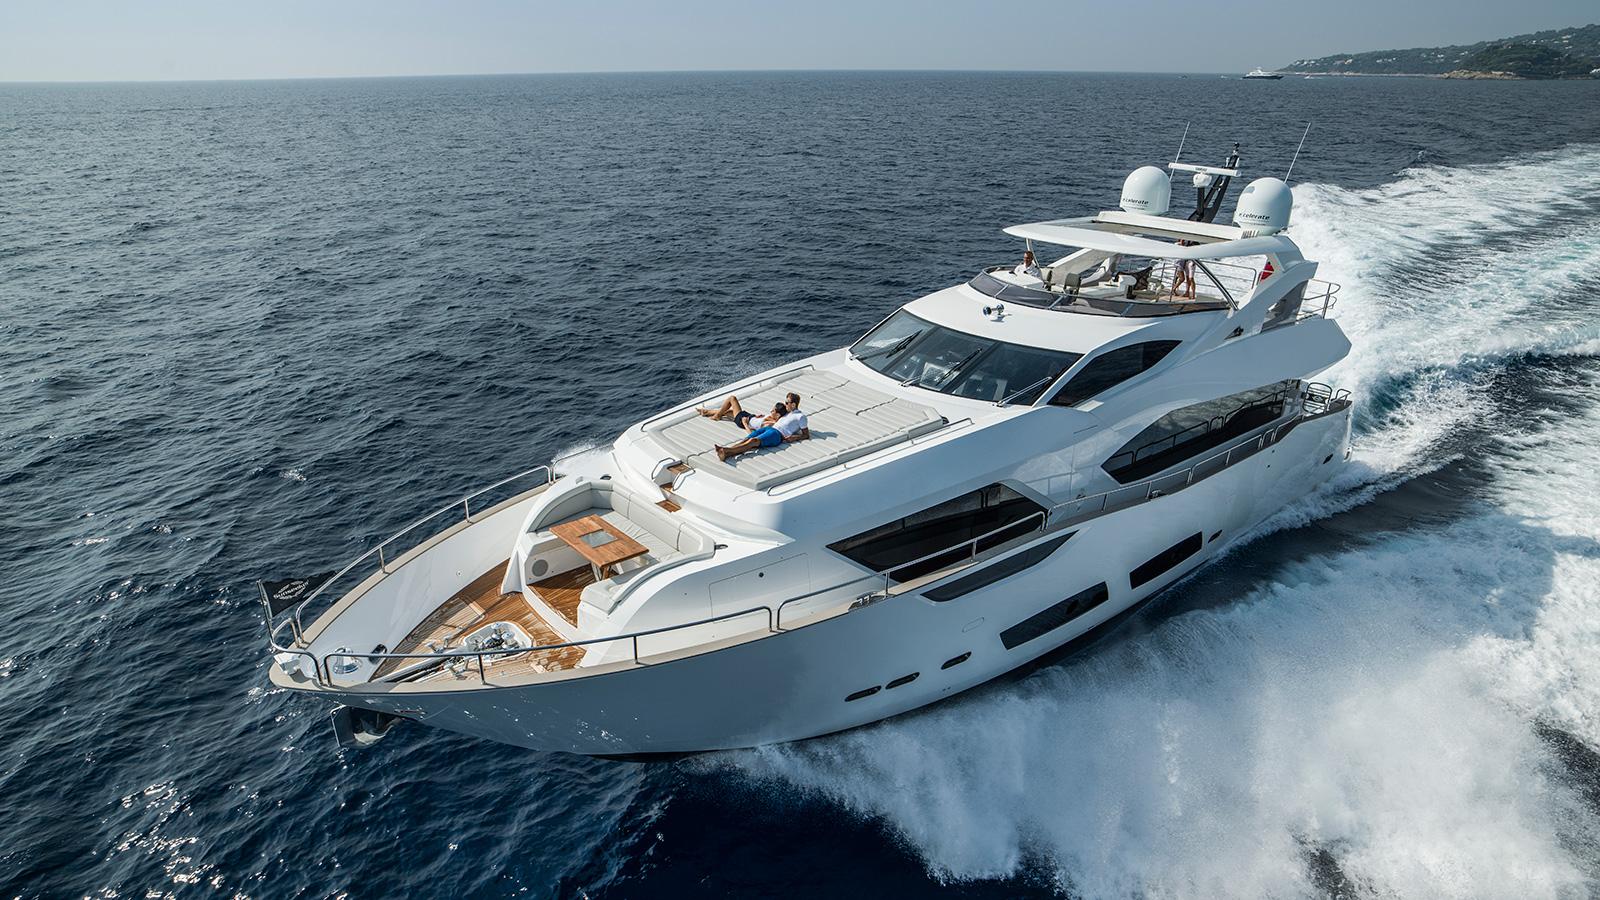 running-shot-of-the-sunseeker-95-yacht